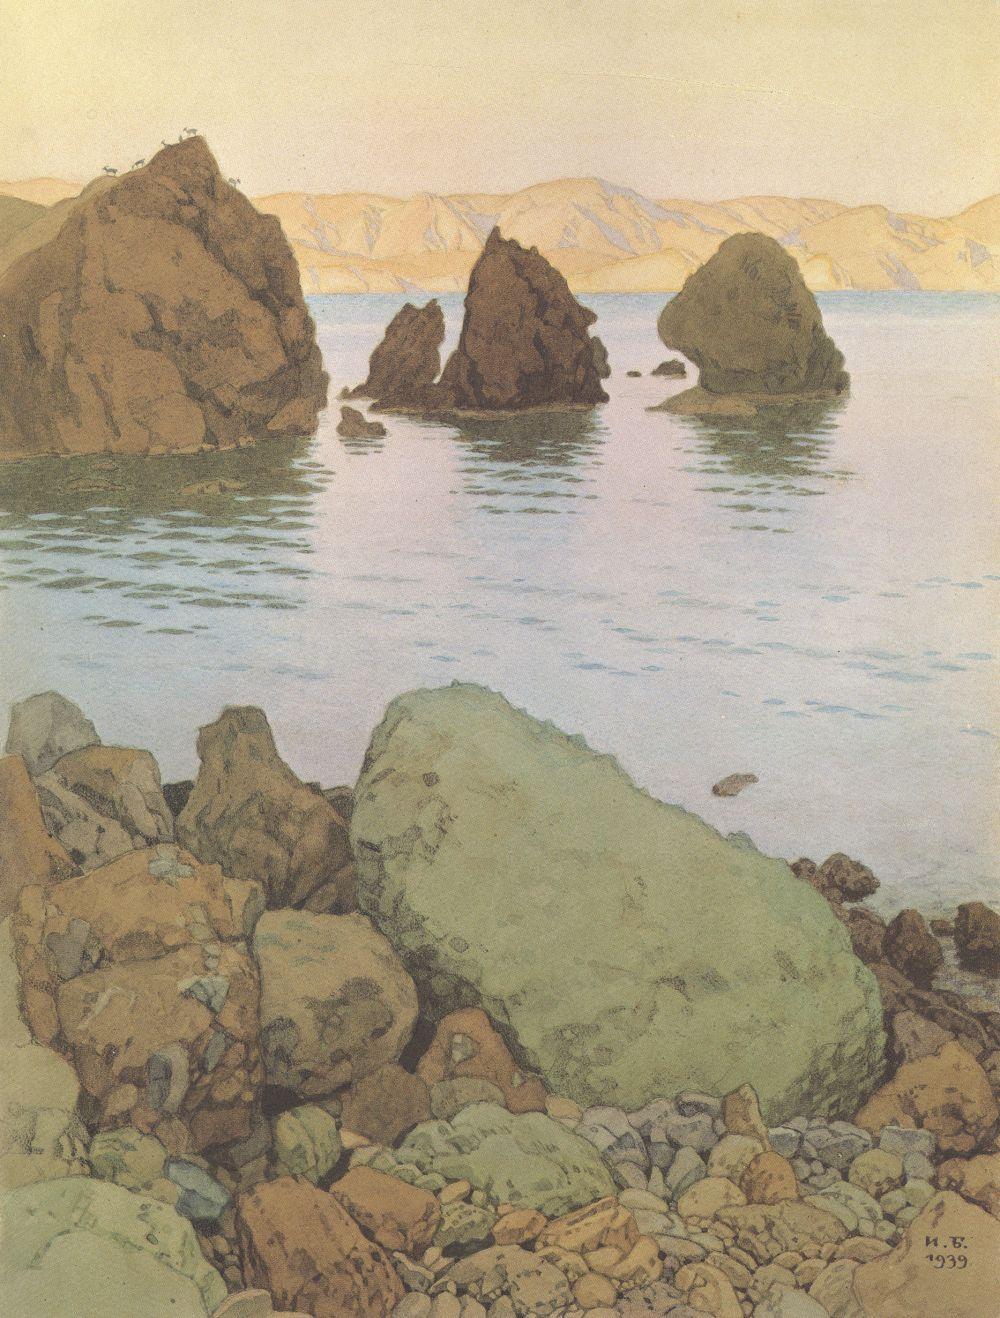 В 1912 году Иван Билибин вместе с компаньонами выкупил участок земли на Южном берегу Крыма. С тех пор художник регулярно приезжал в Батилиман, а в 1917 году после развода и революции он прожил в этих местах два года.